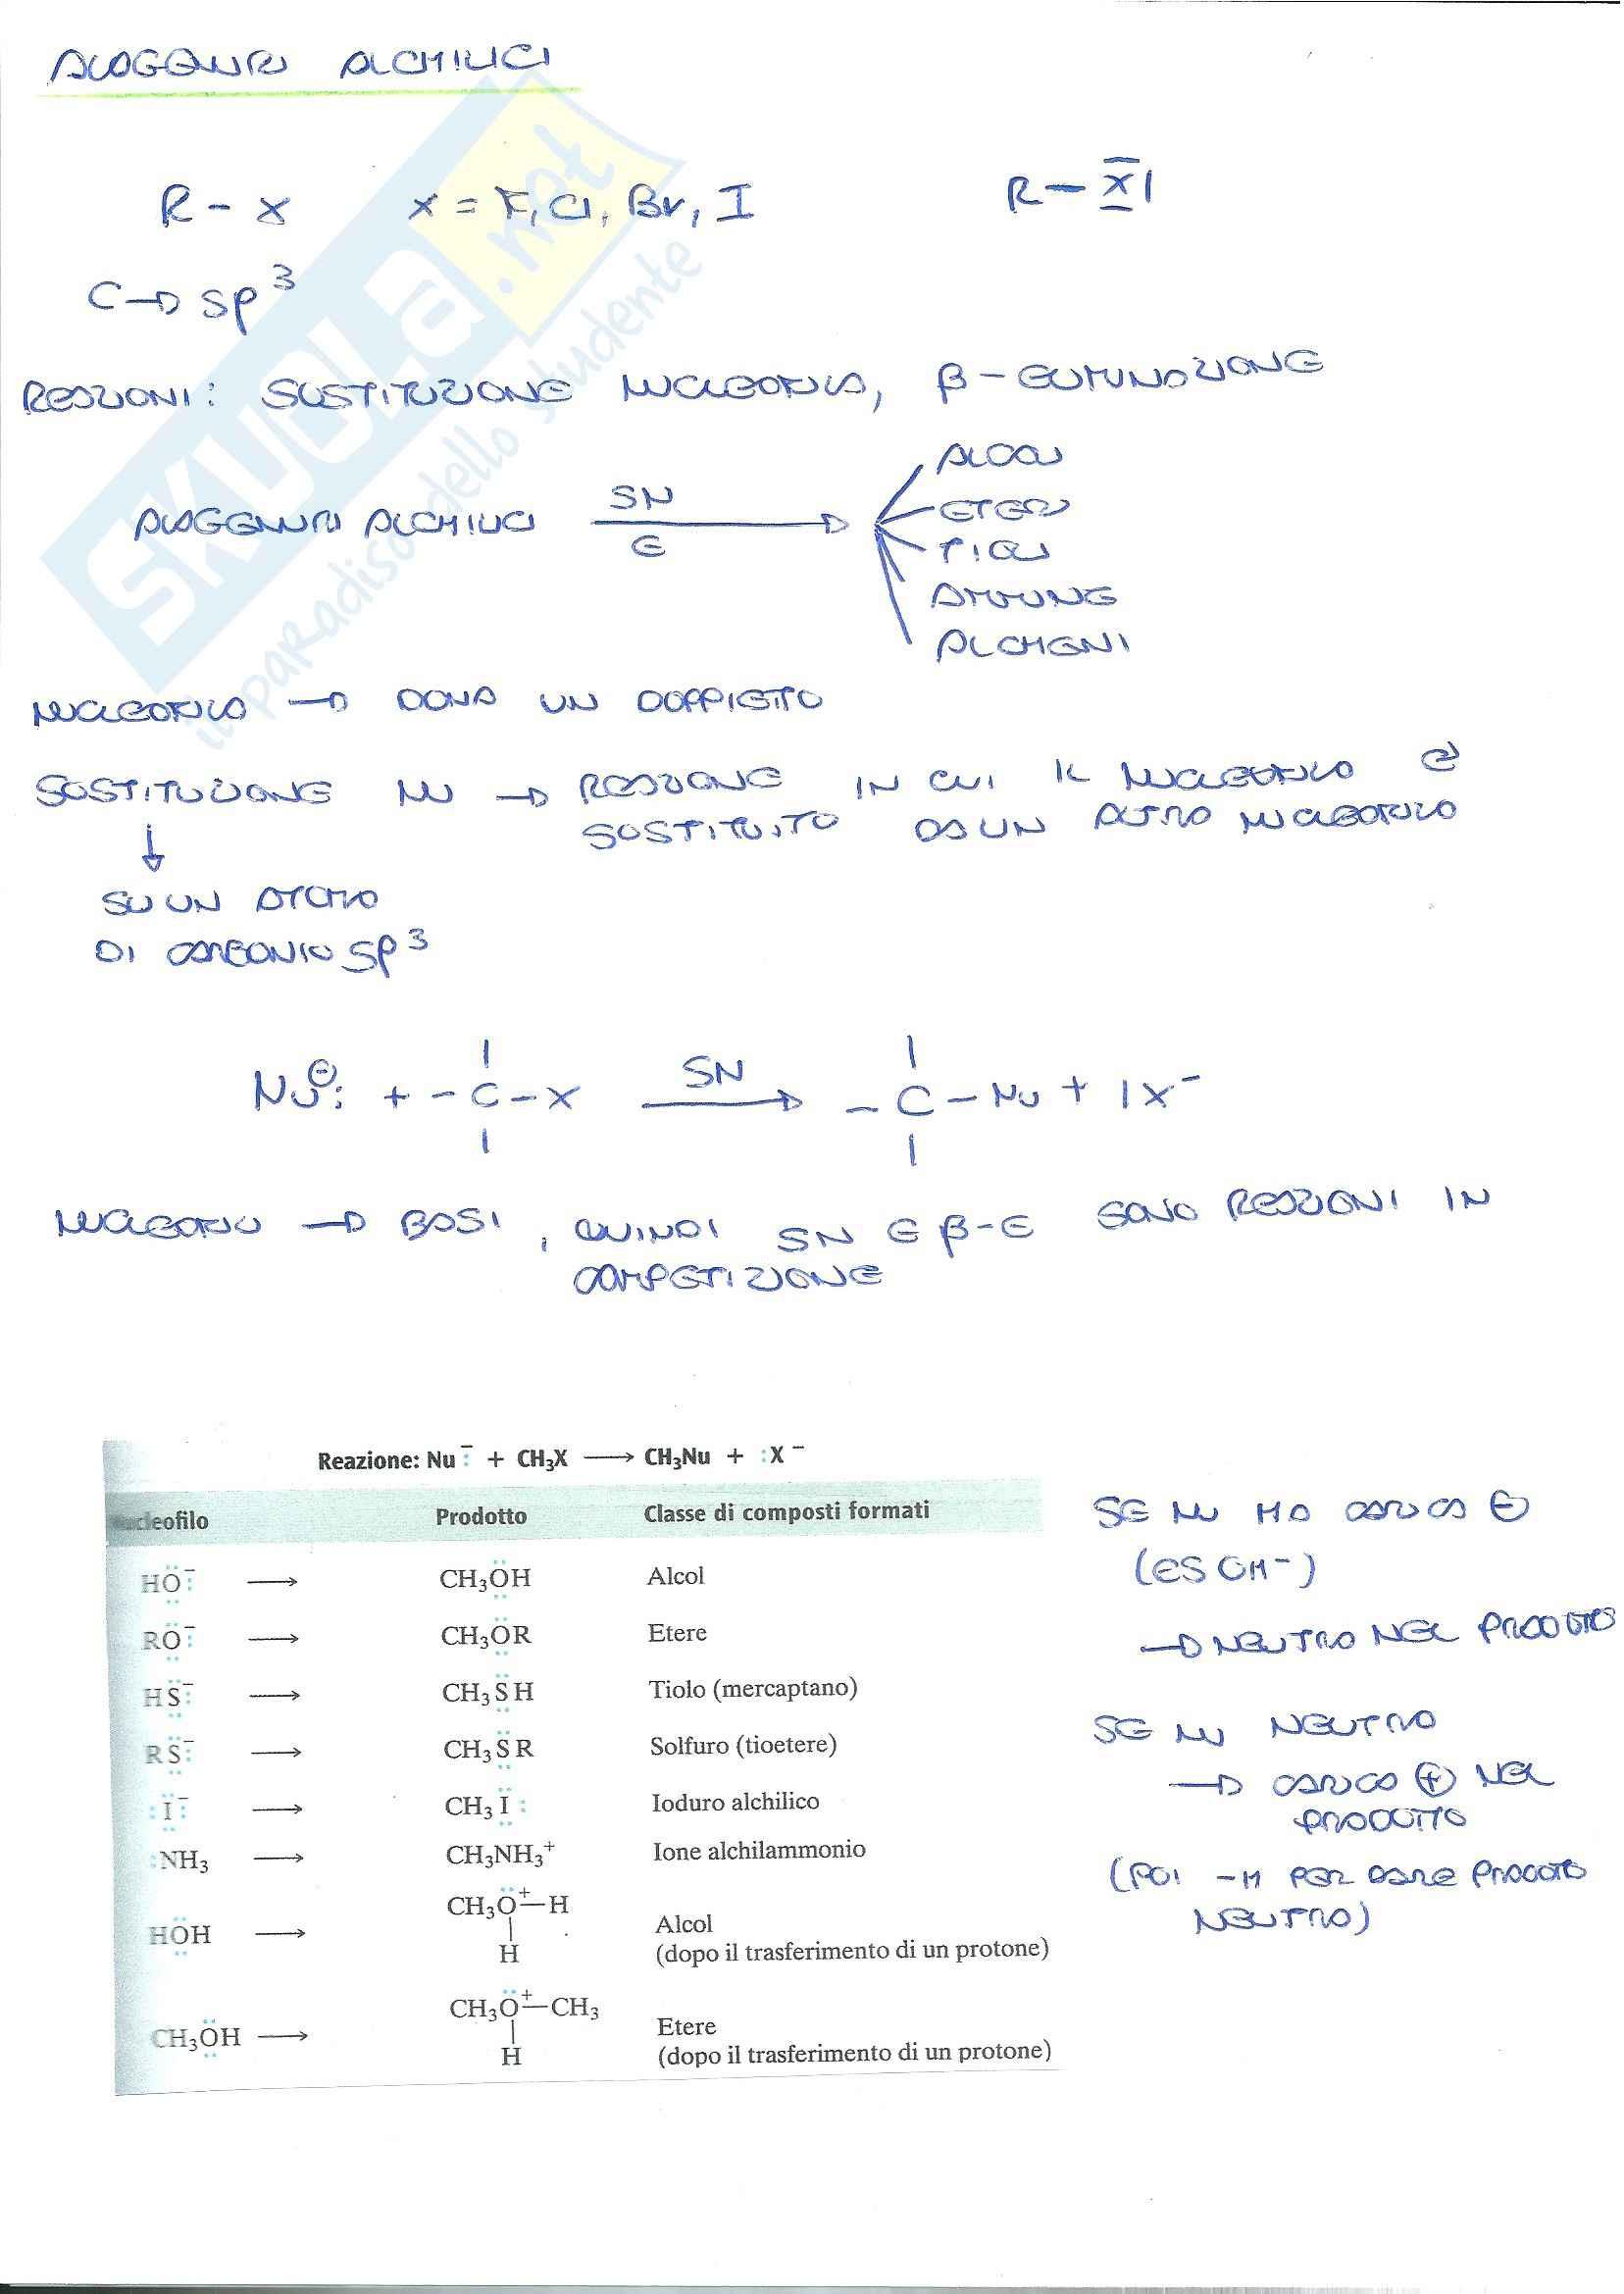 Chimica Organica - reazioni: alogenuri alchilici